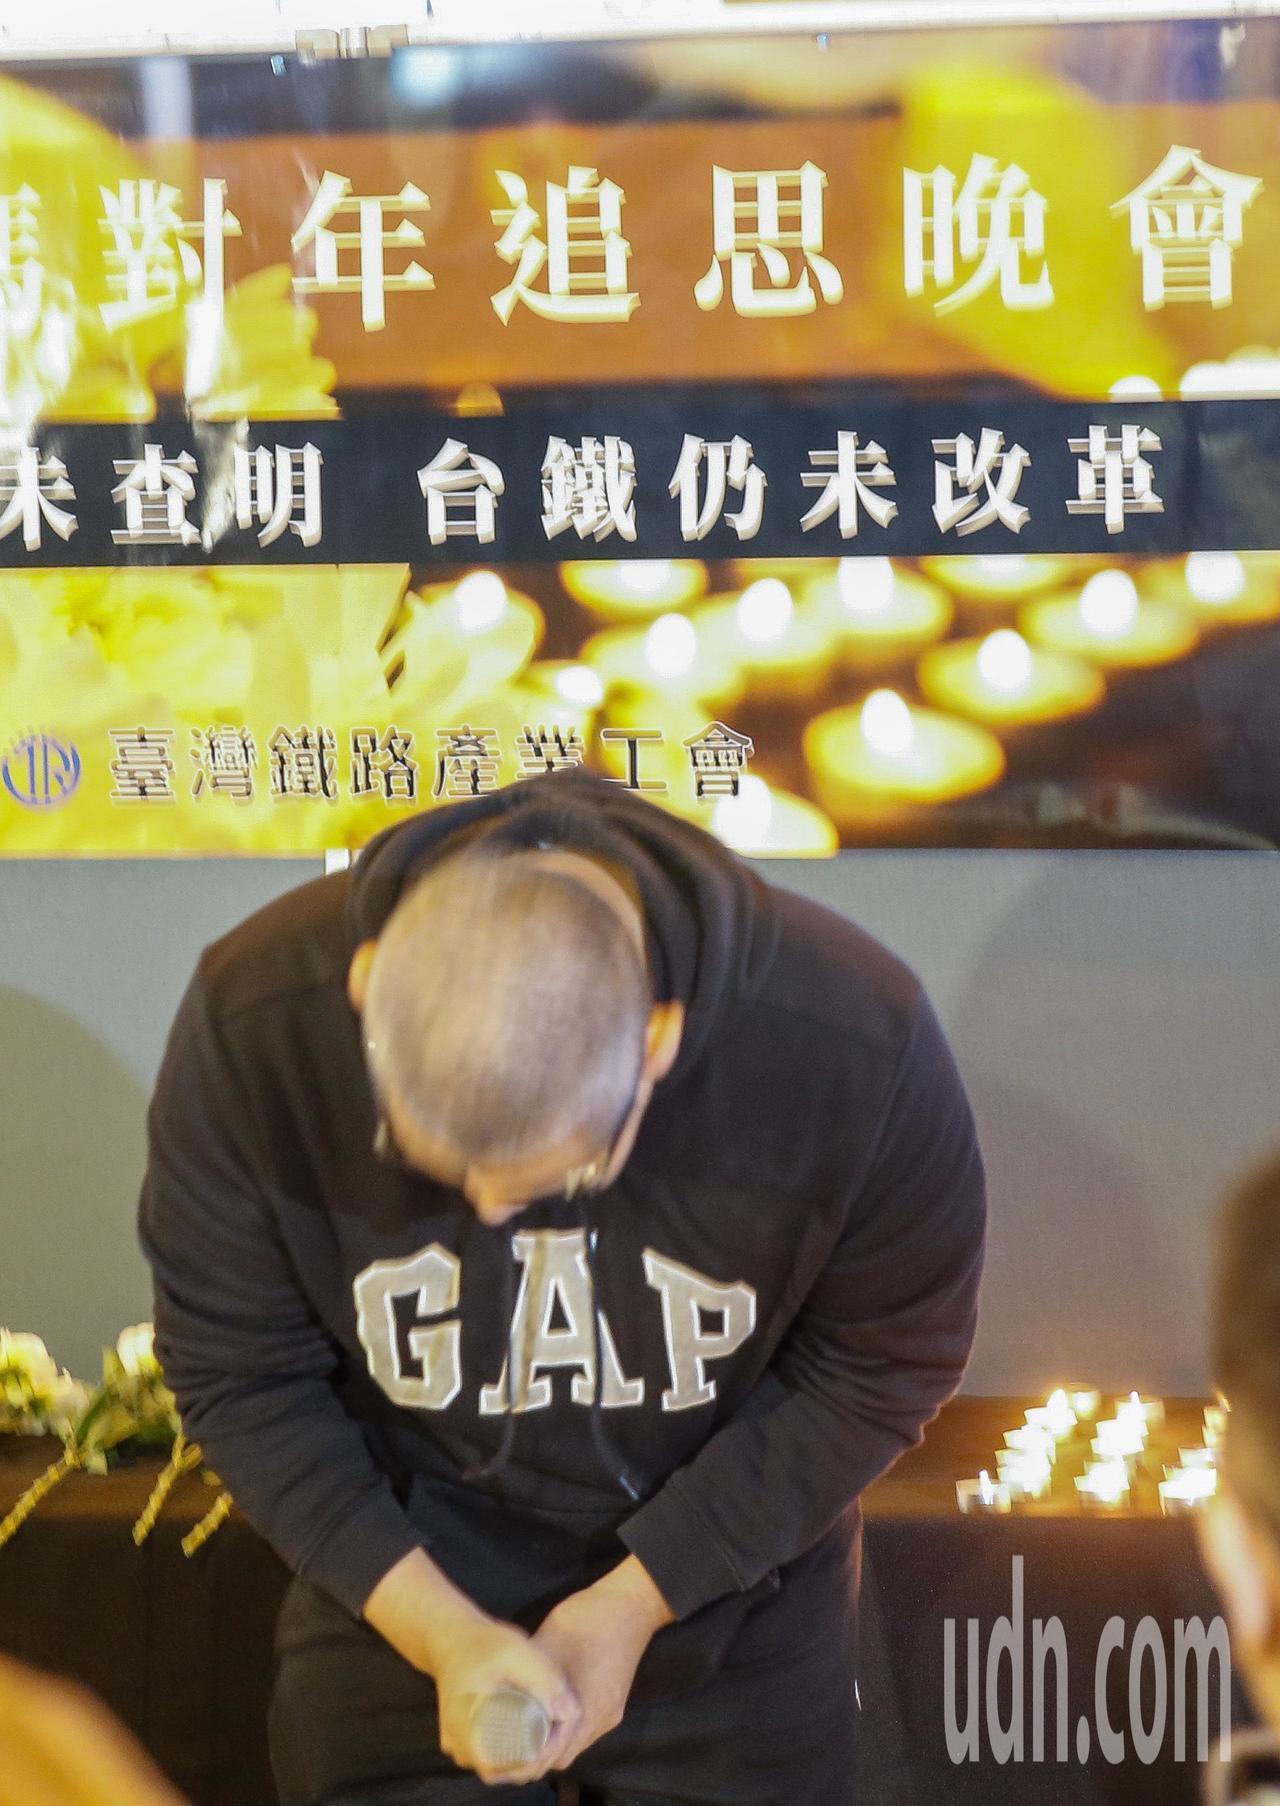 台鐵工會晚上在台北火車站大廳舉行「普悠瑪對年追思晚會」,司機尤振仲鞠躬為罹難者致...